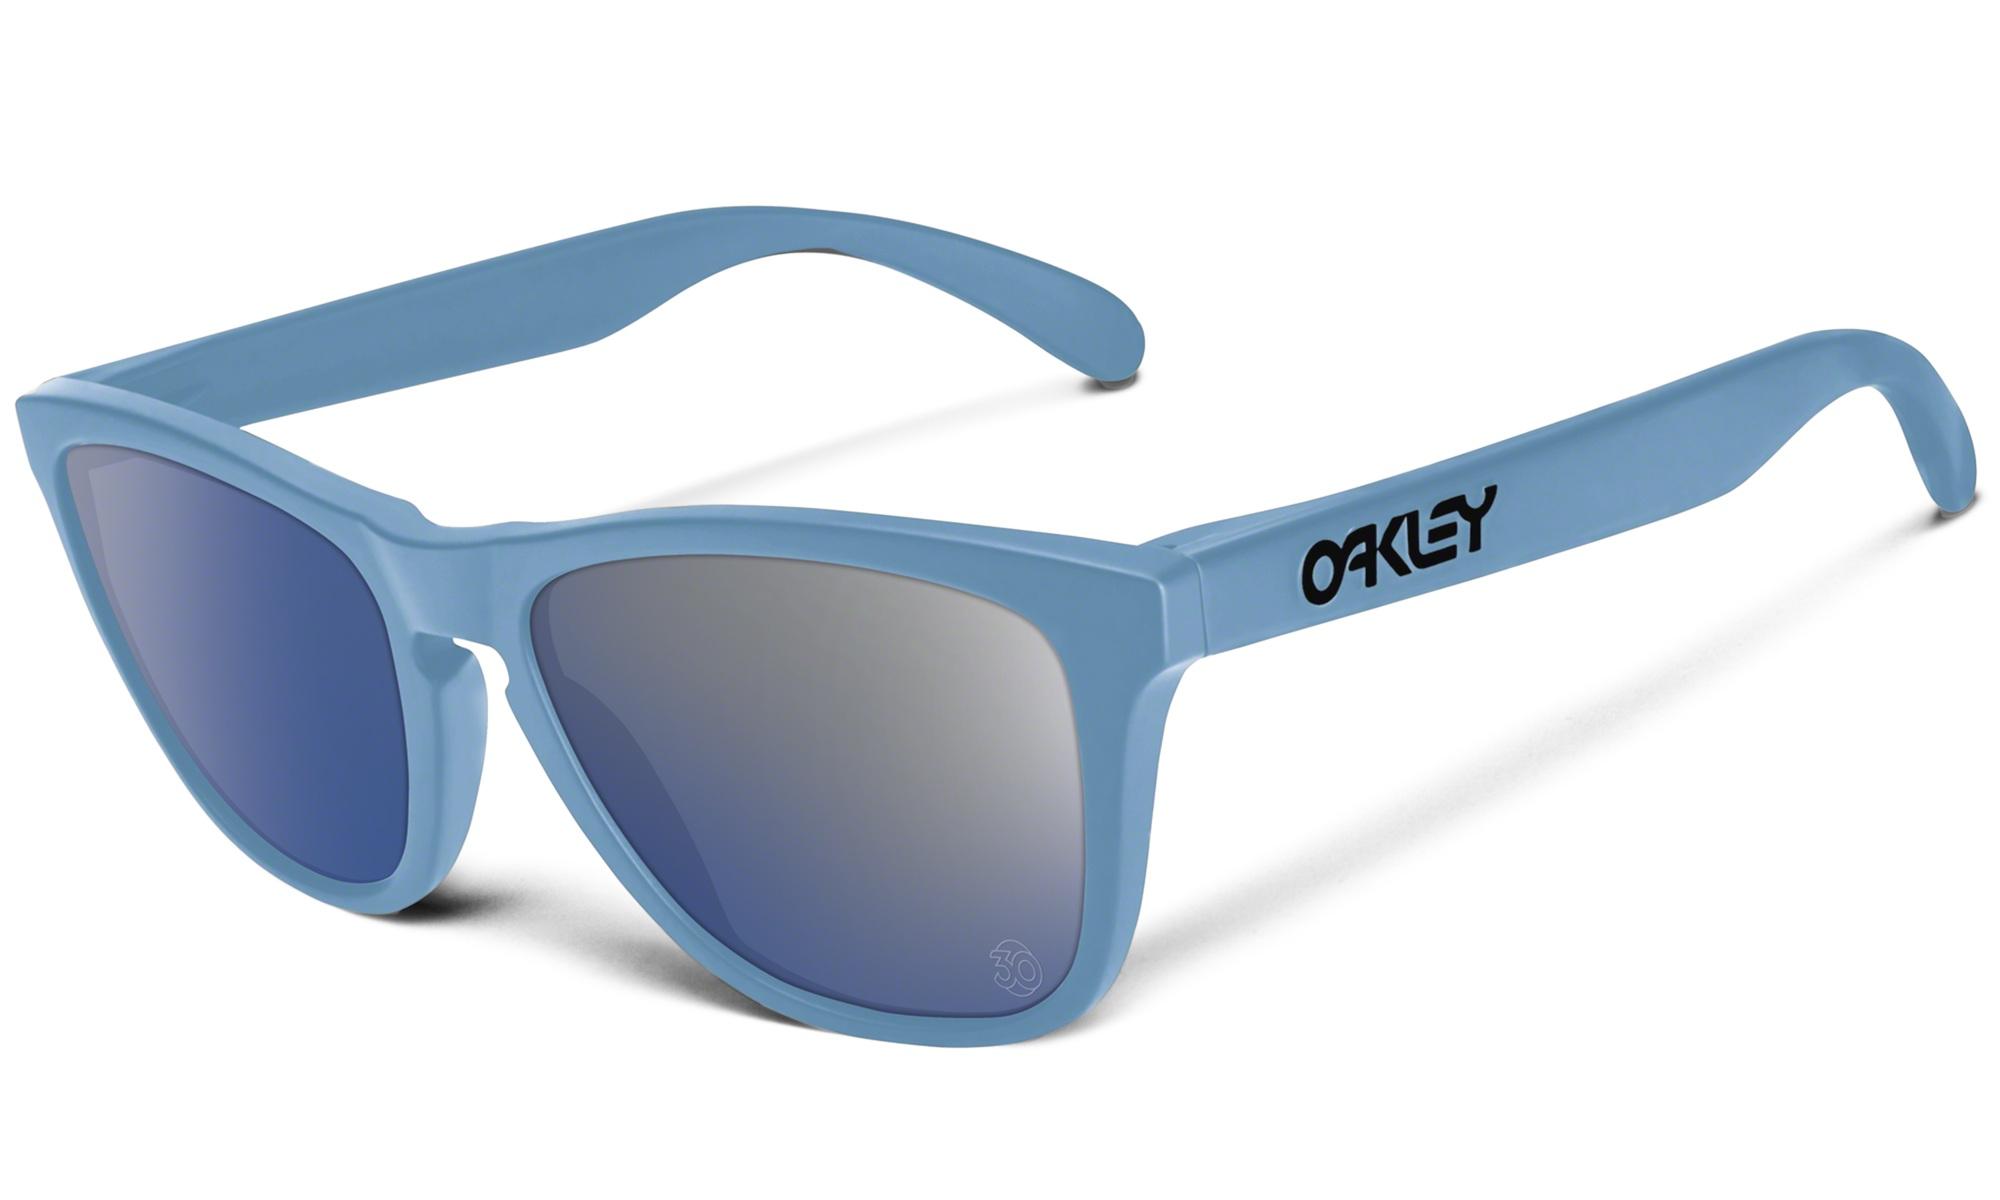 Oakley Frogskin OO9013 36 jIrUMCc1ye